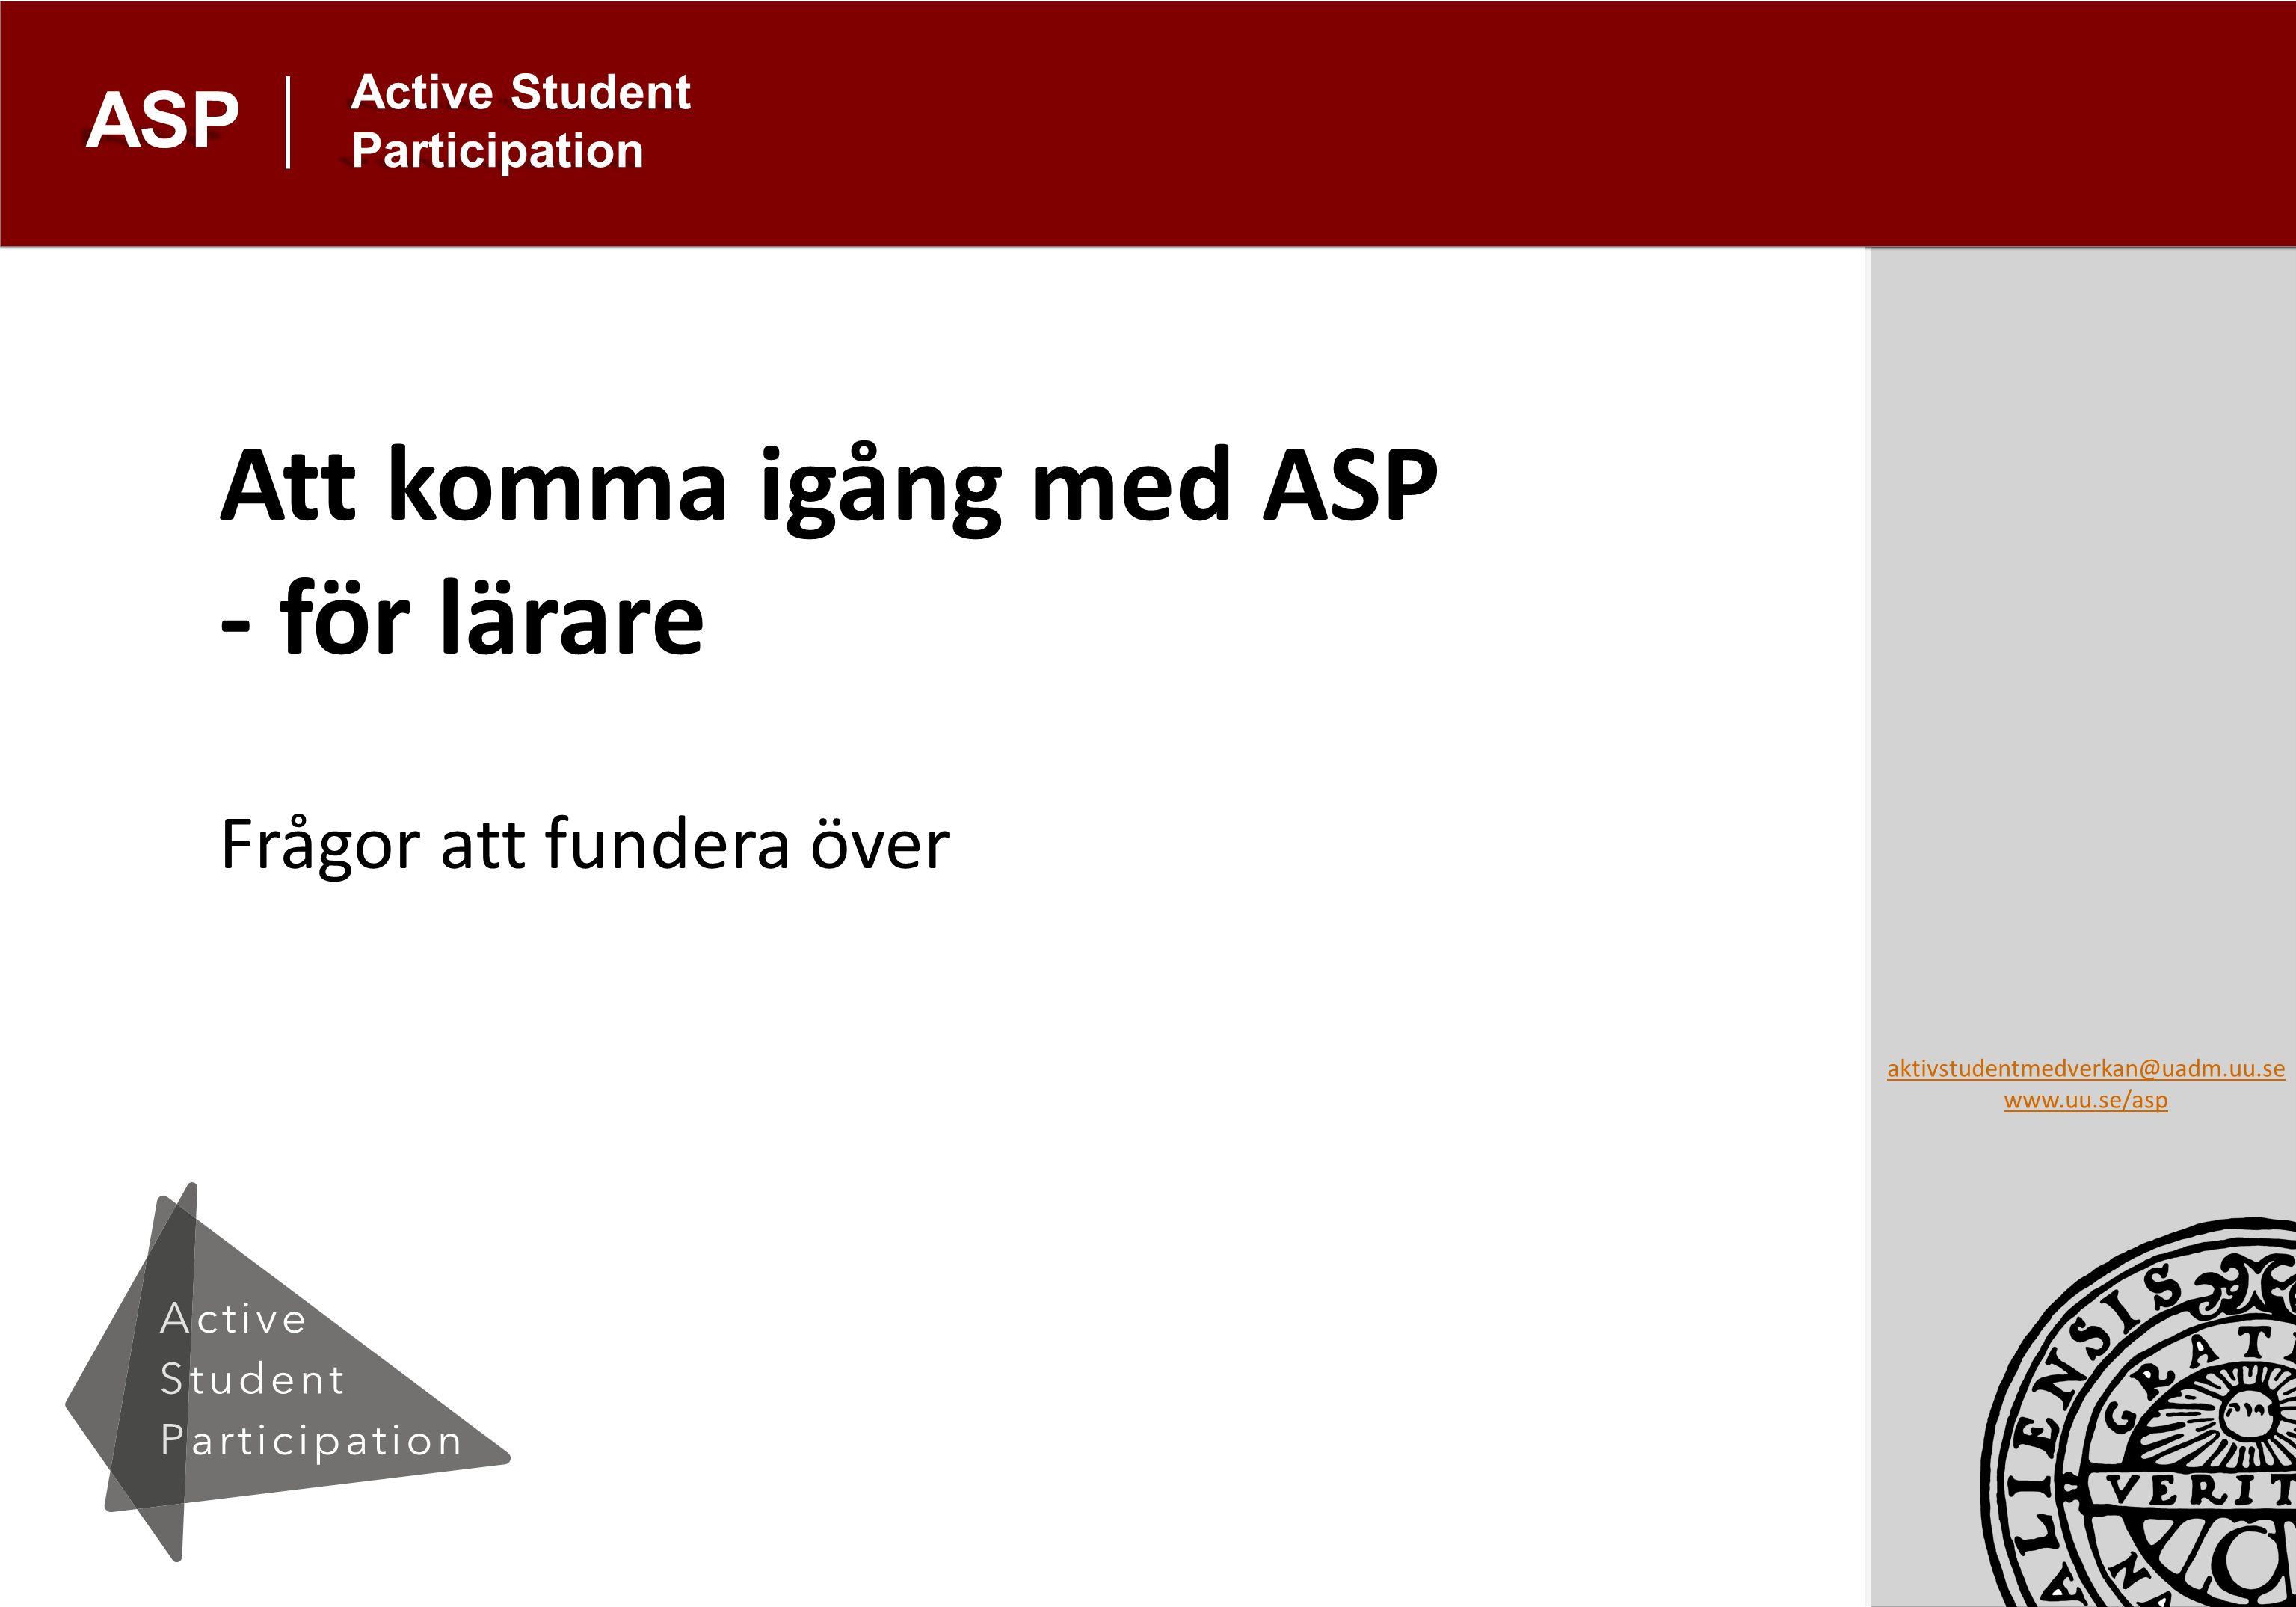 aktivstudentmedverkan@uadm.uu.se www.uu.se/asp Active Student Participation ASP Att komma igång med ASP - för lärare Frågor att fundera över